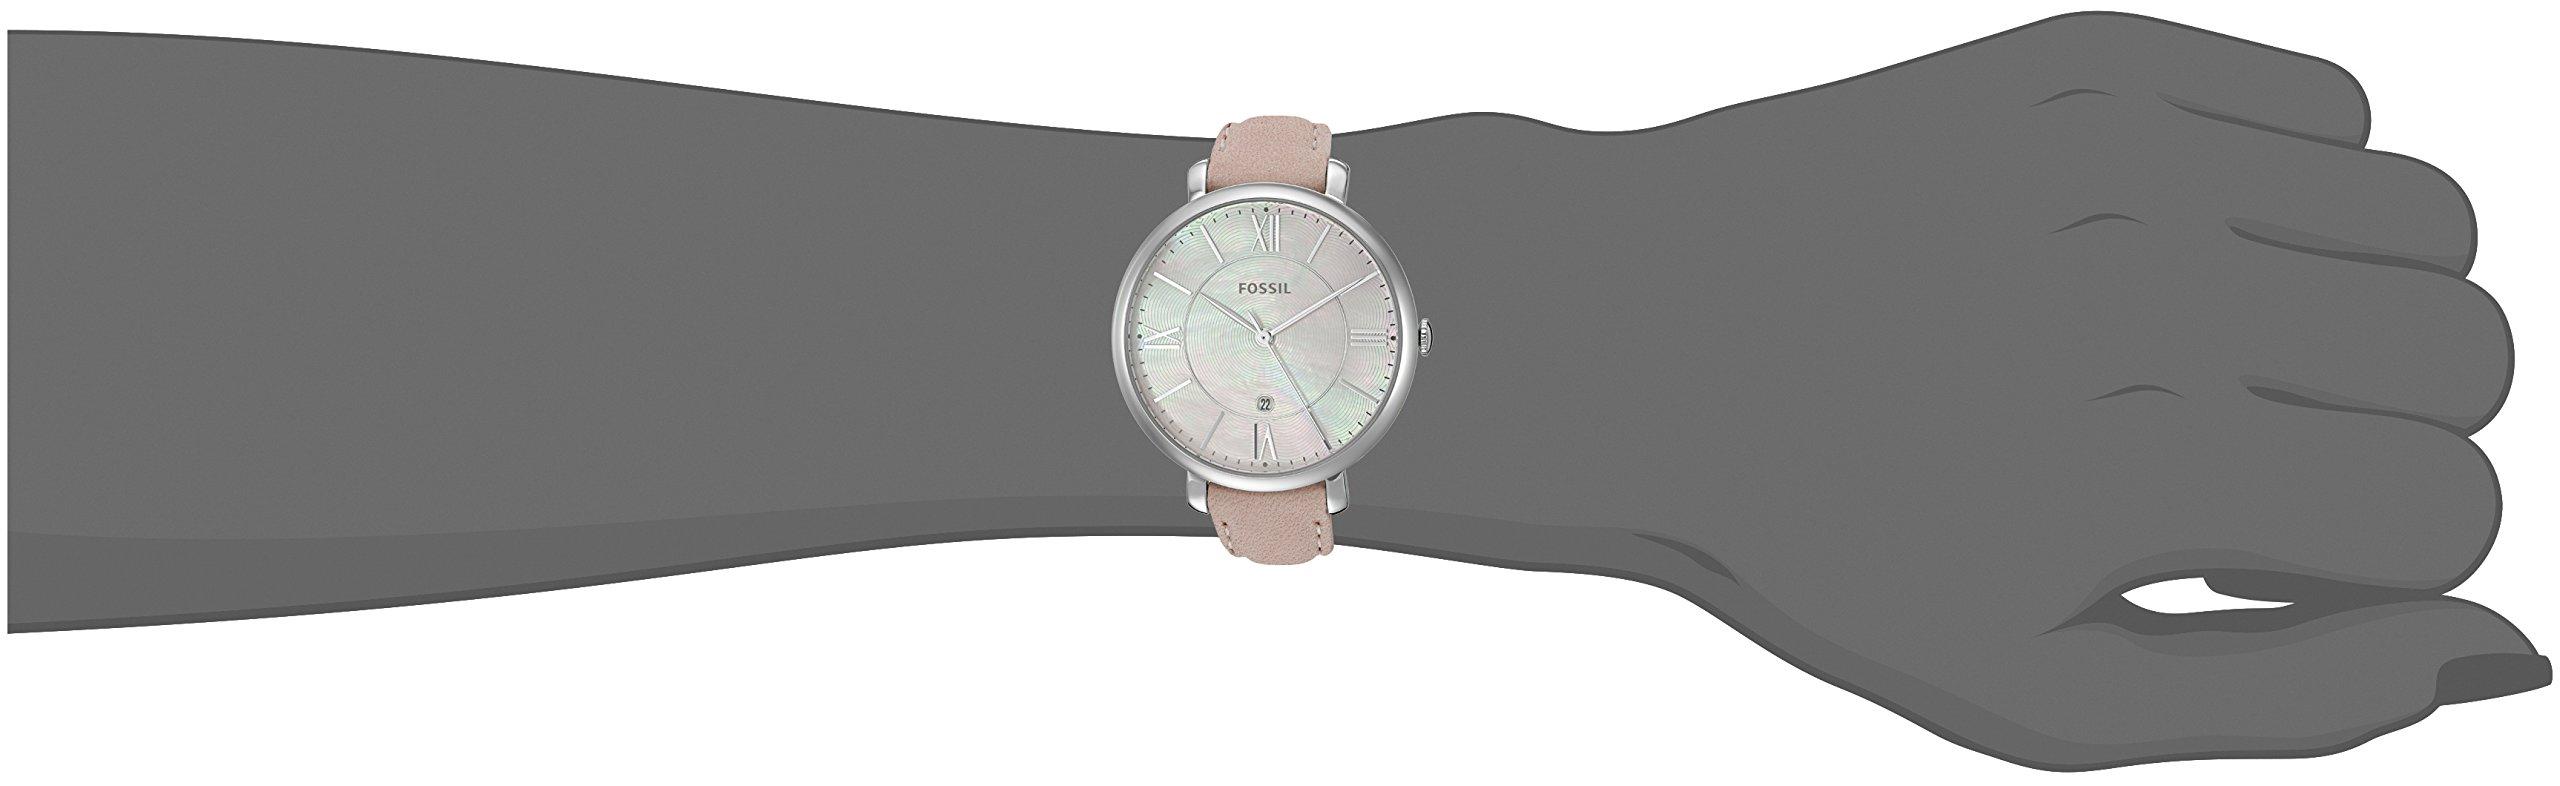 Fossil Jacqueline Blush Reloj de cuero para mujer